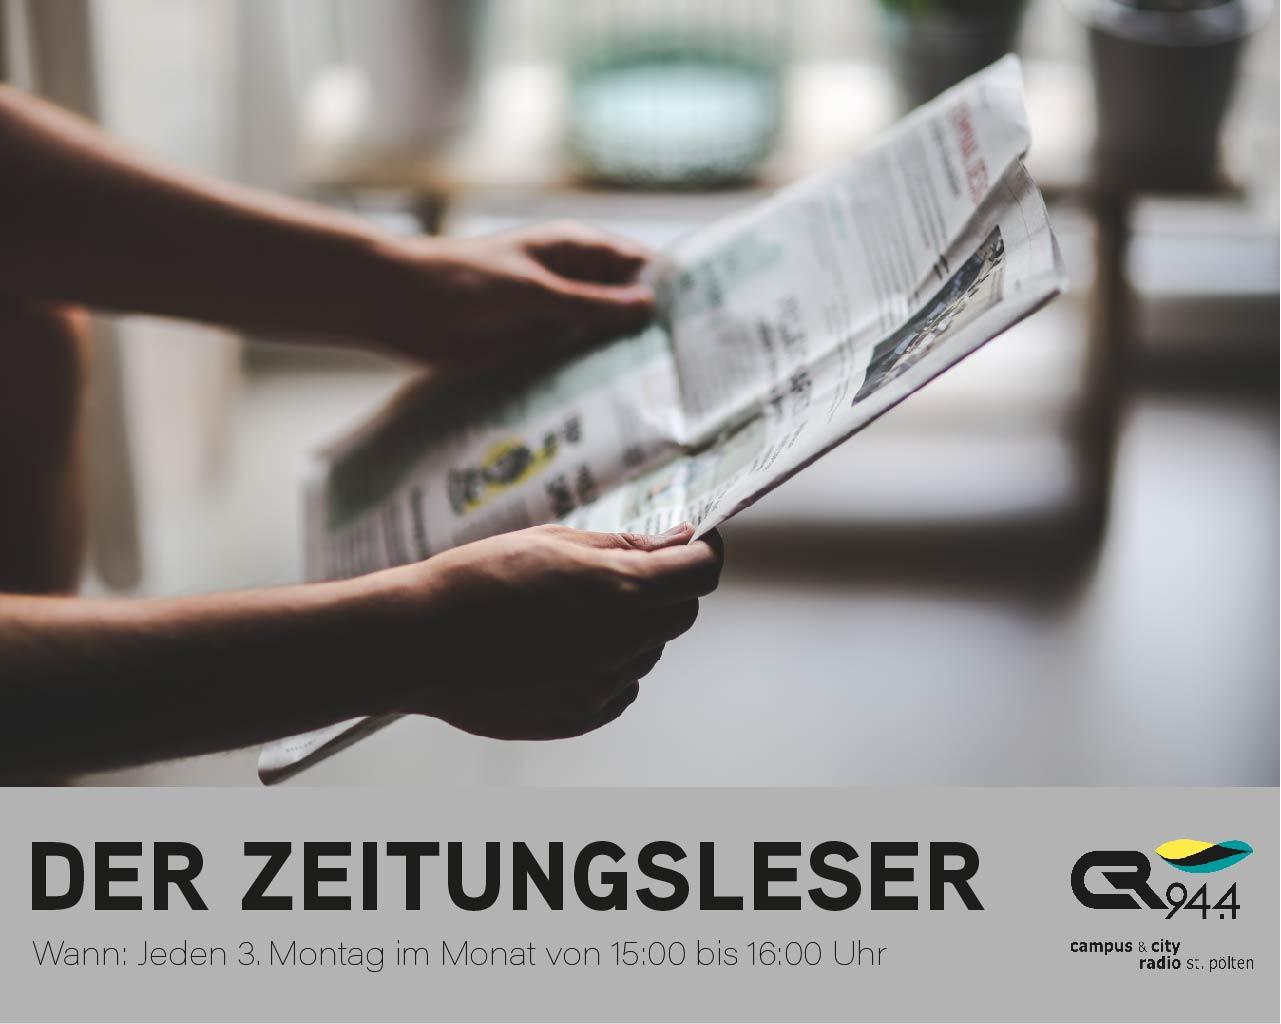 Der Zeitungsleser, Mo, 15.2.2021, 15 h